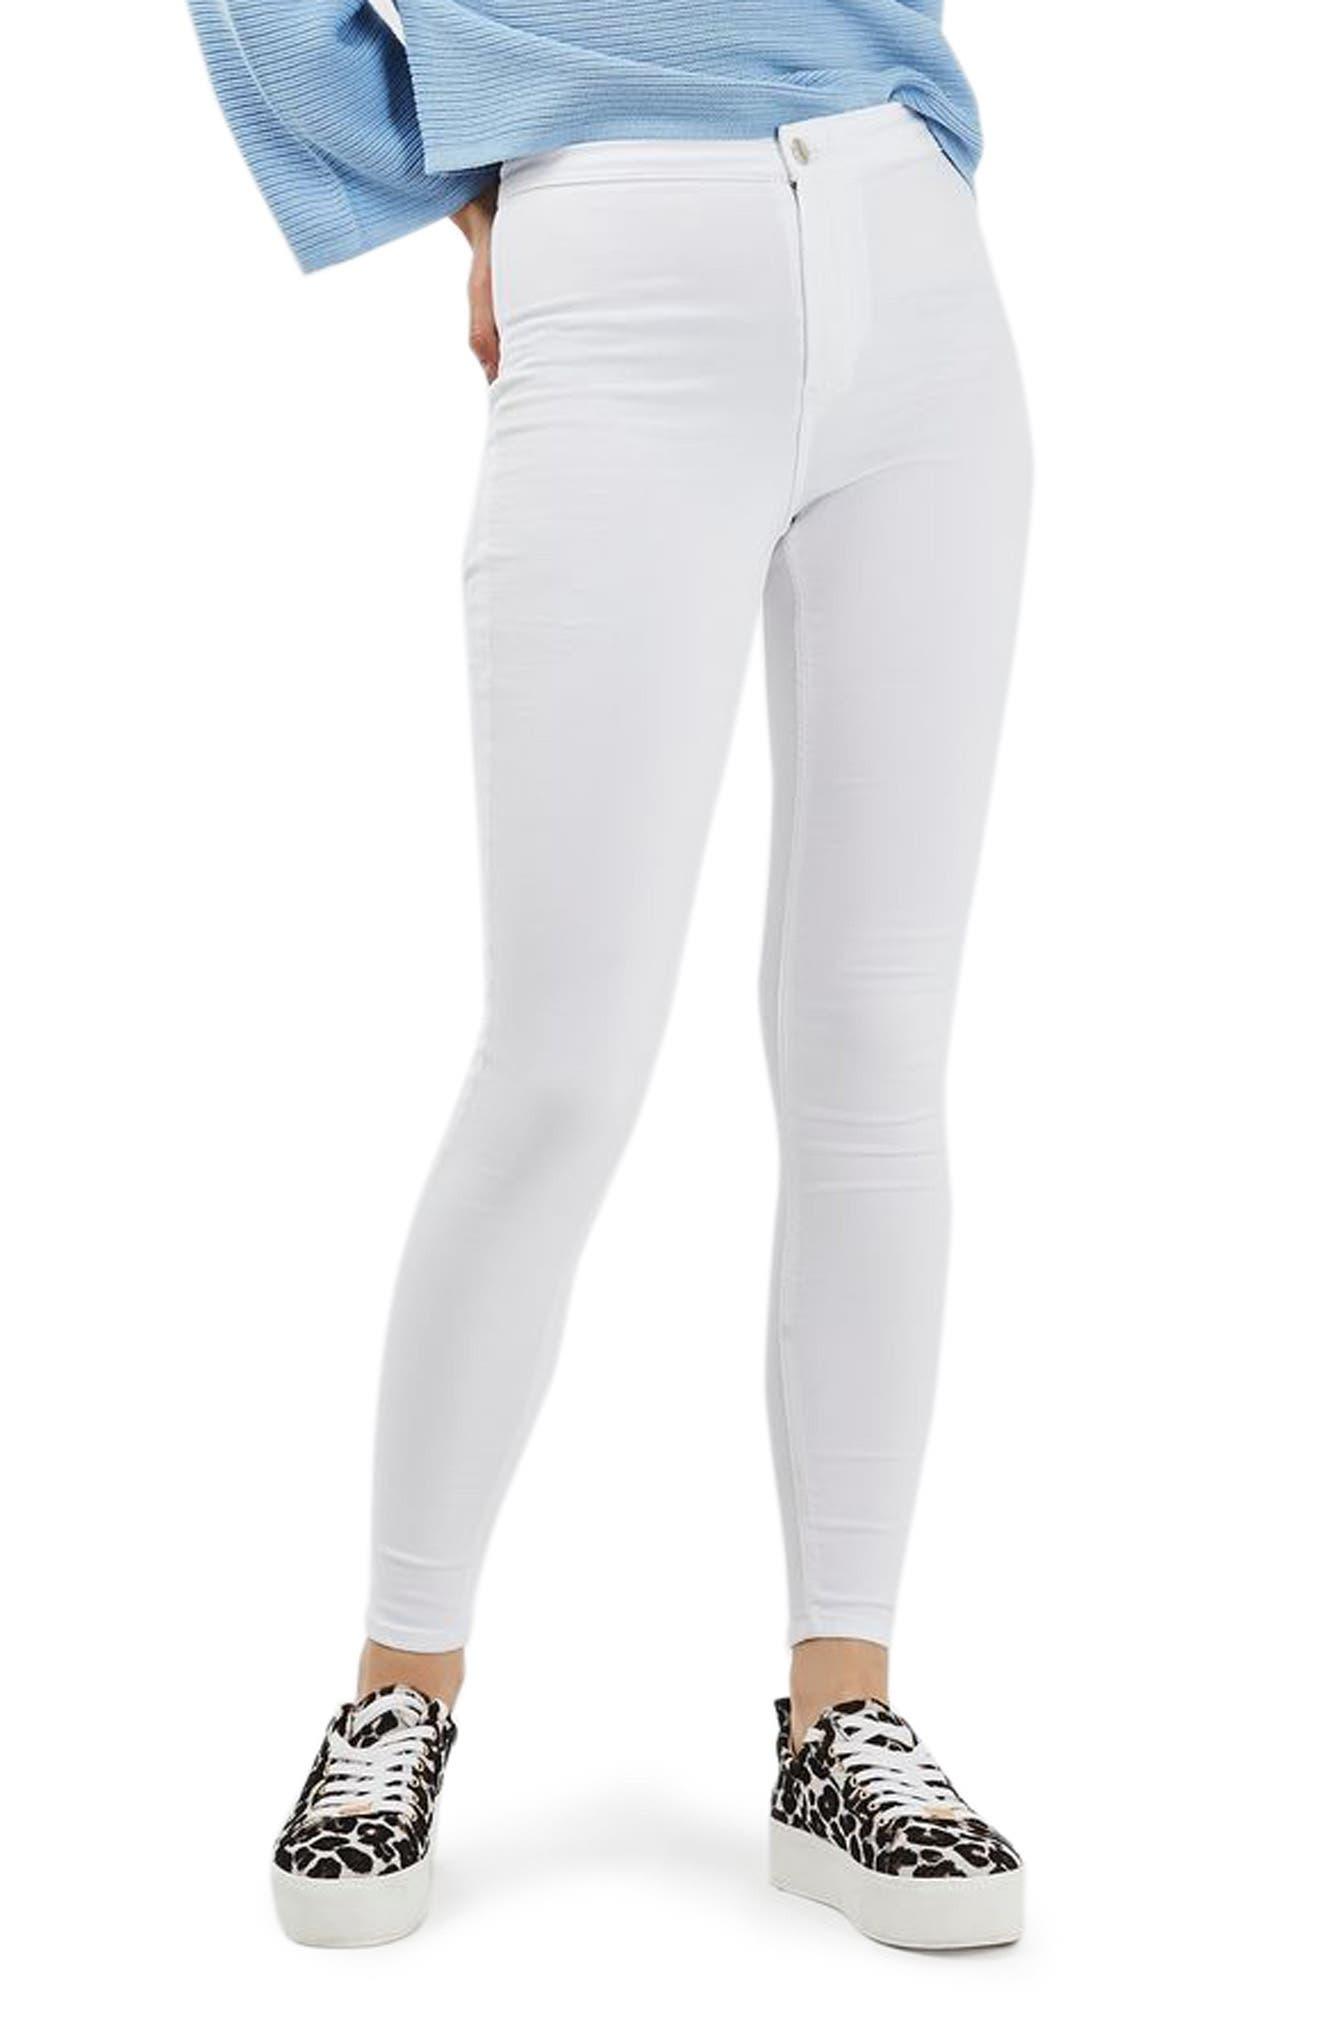 Joni Skinny Jeans,                             Main thumbnail 1, color,                             100